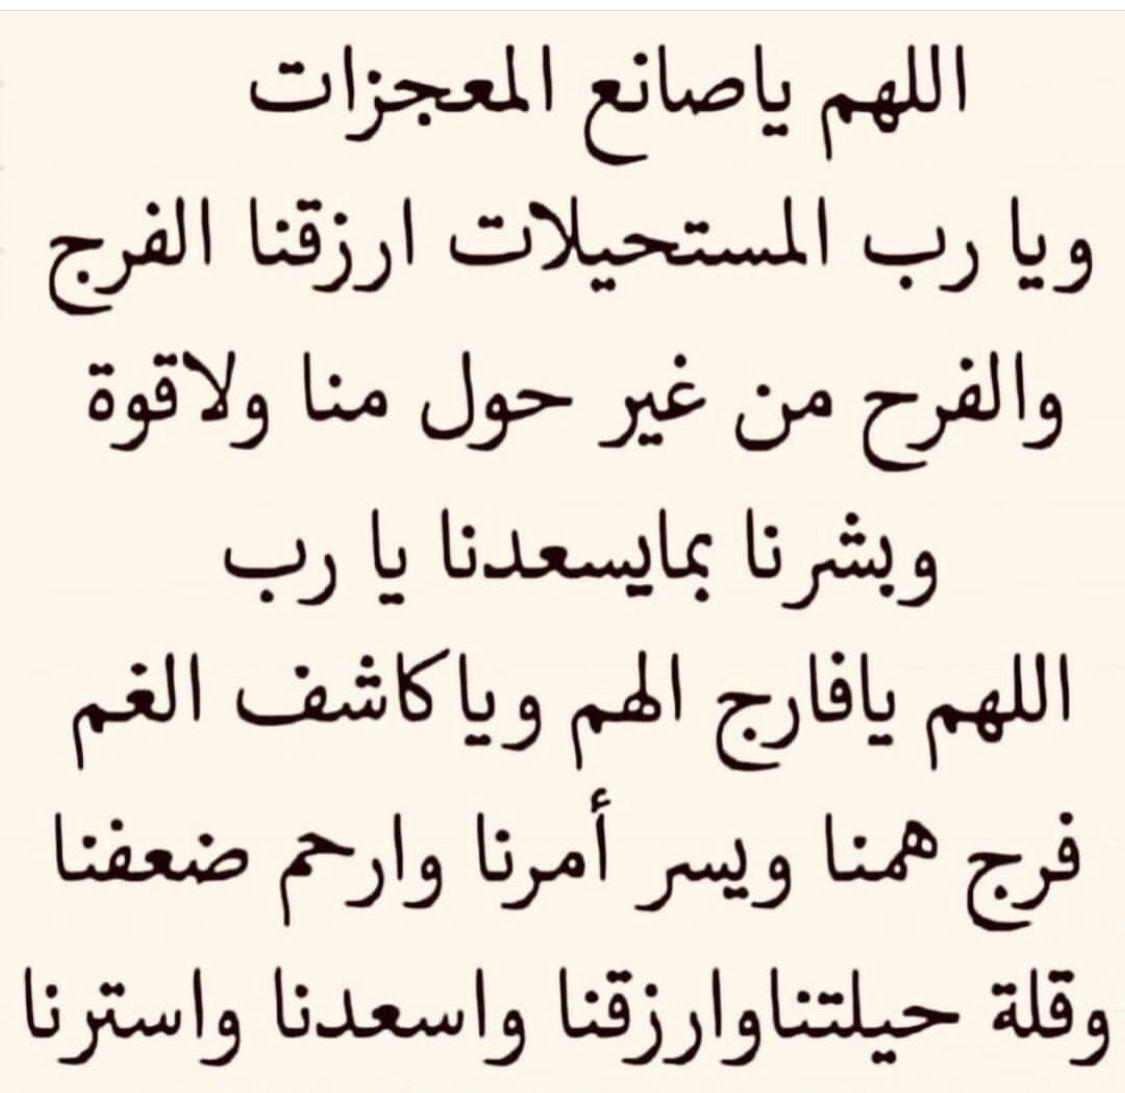 اللهم آمين يارب العالمين Quran Quotes Love Islamic Quotes Islamic Phrases